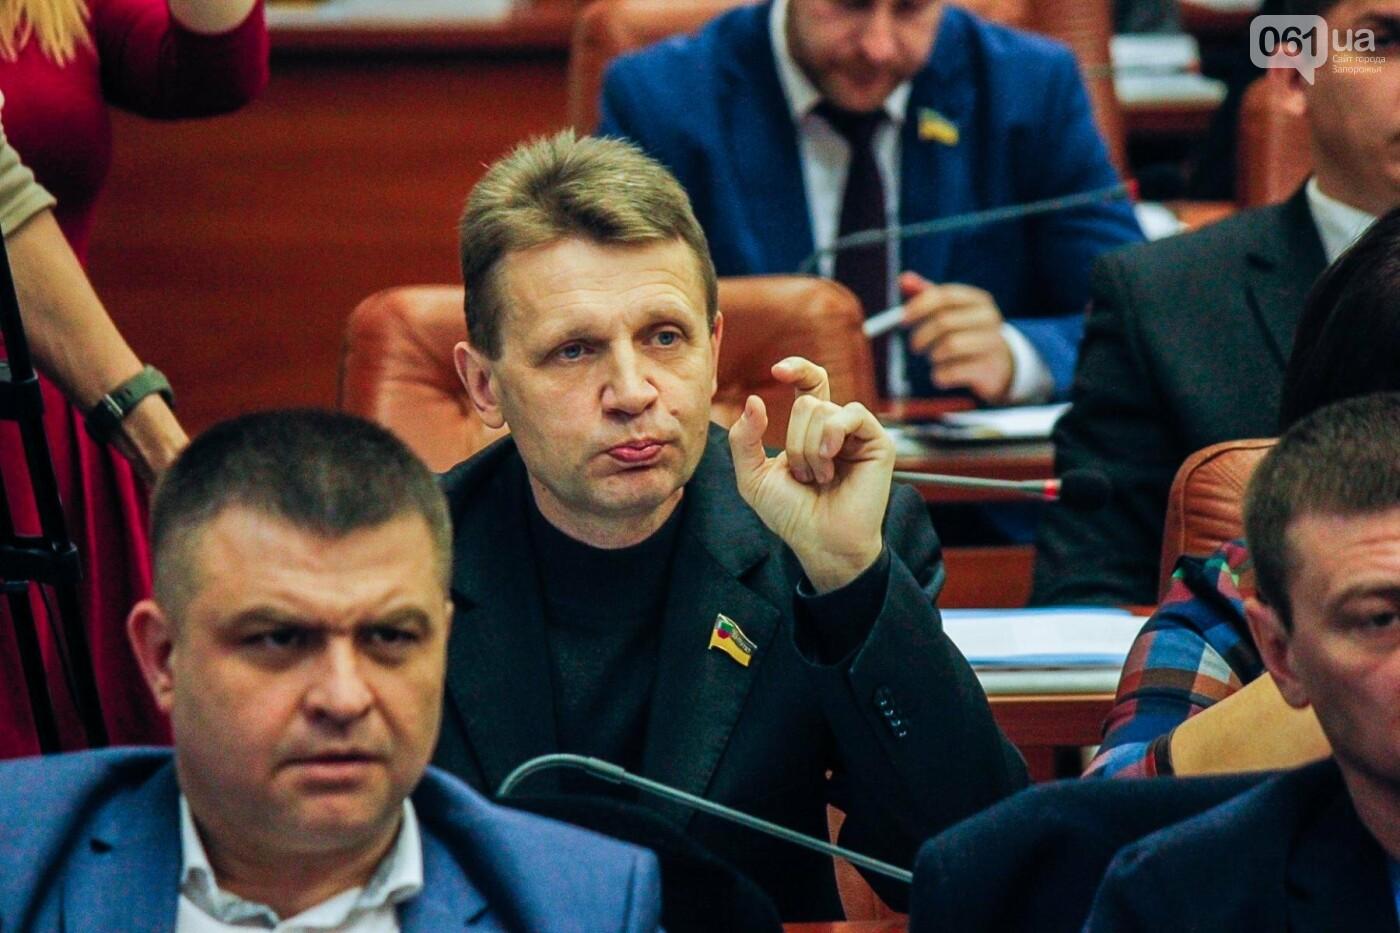 Сессия запорожского горсовета в лицах, - ФОТОРЕПОРТАЖ, фото-53